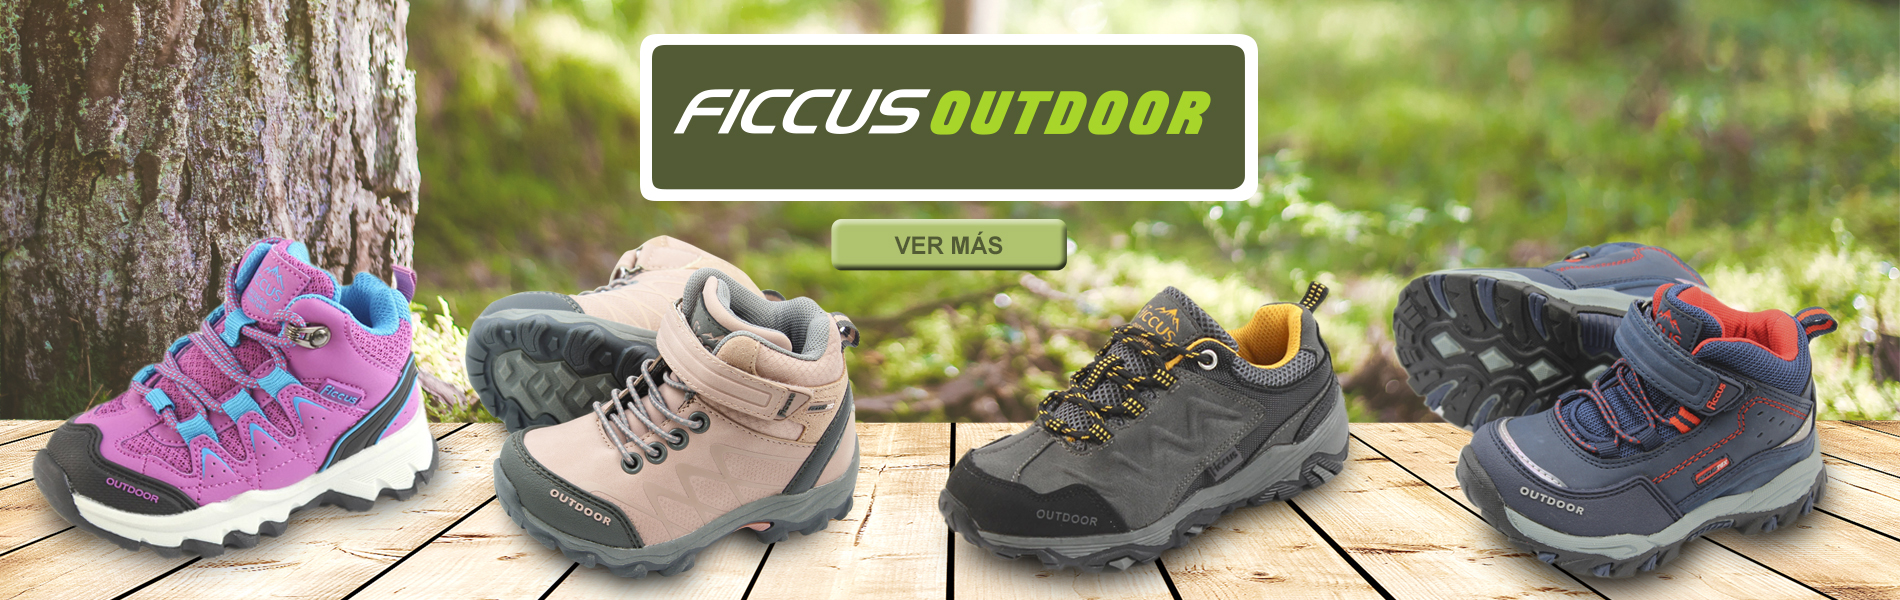 Ficcus Outdoor